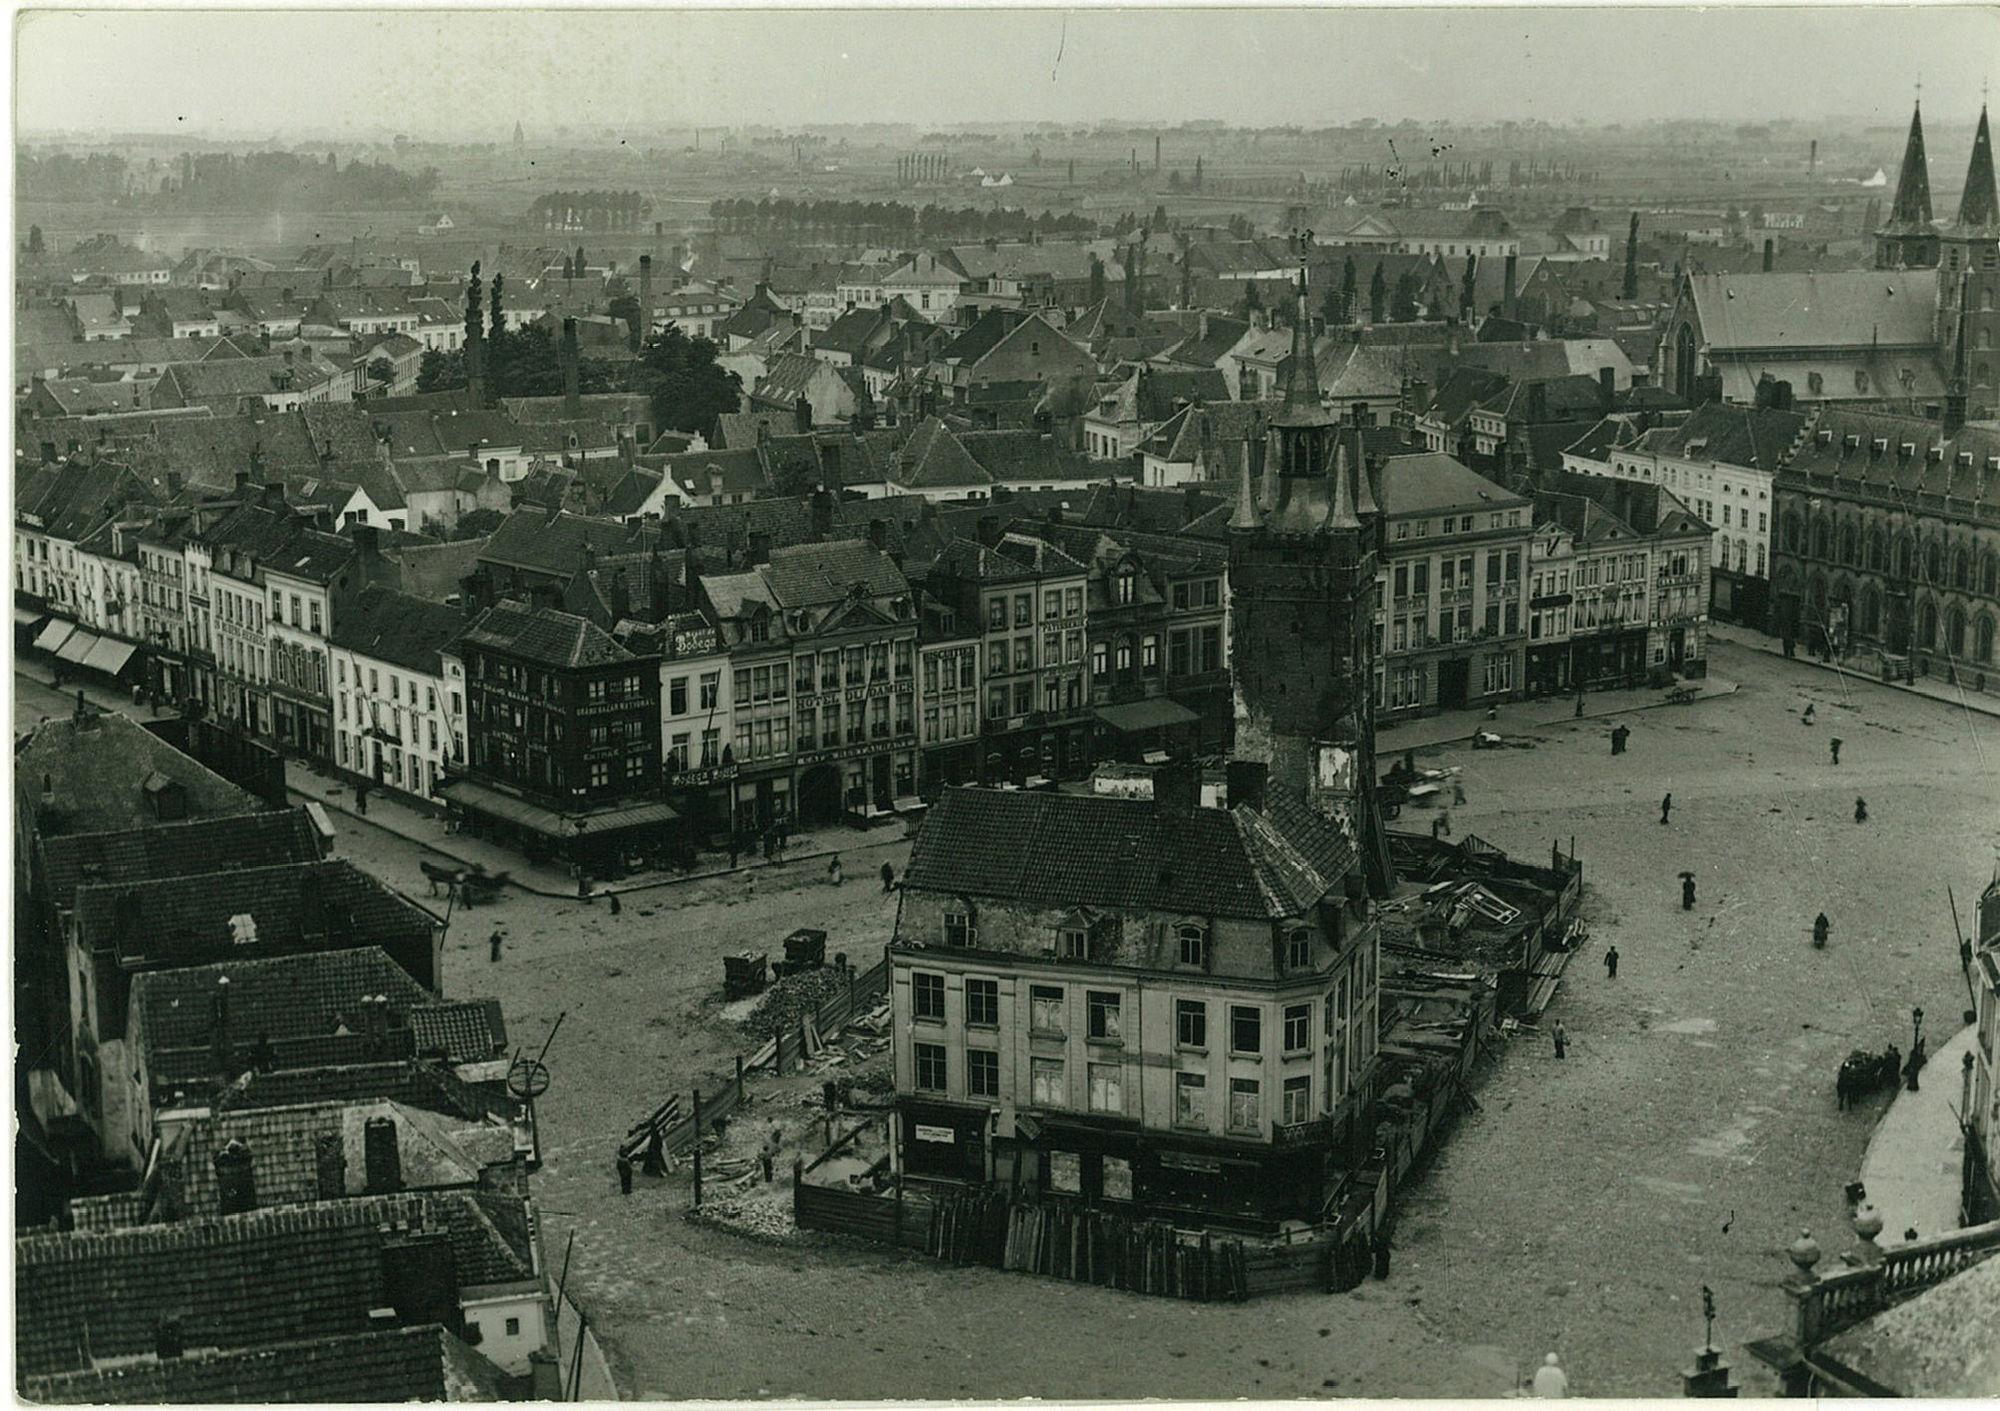 Panoramafoto afbraak huizen rond het Belfort